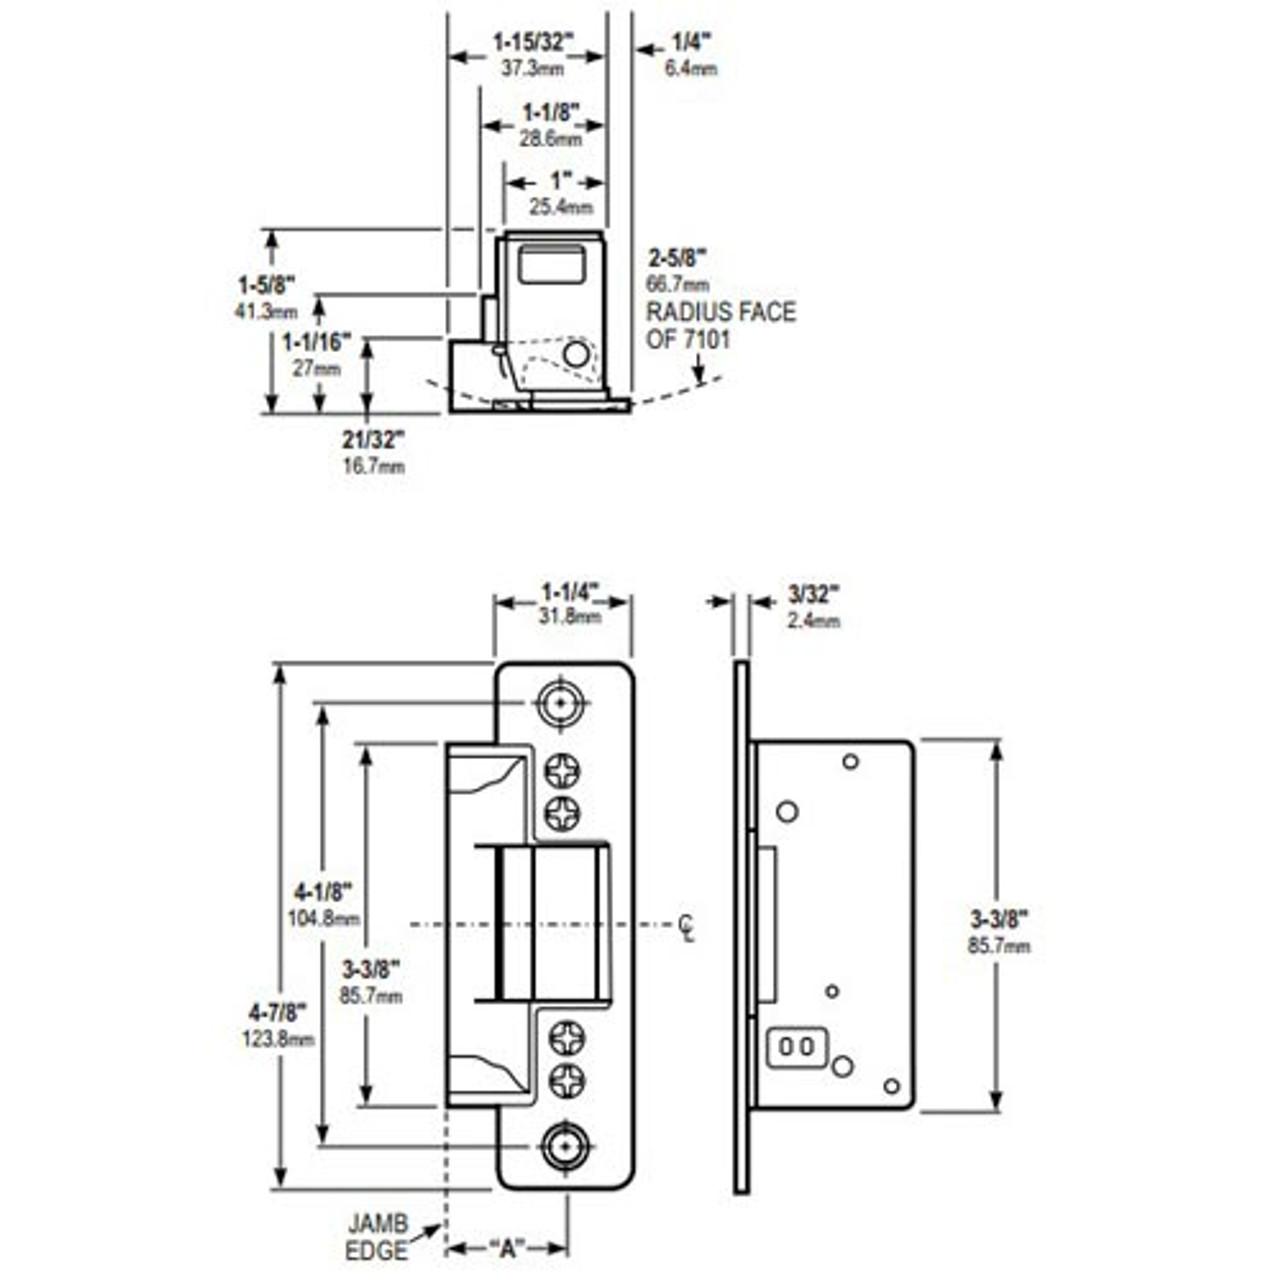 7100 Wiring Diagram Get Free Image About Wiring Diagram